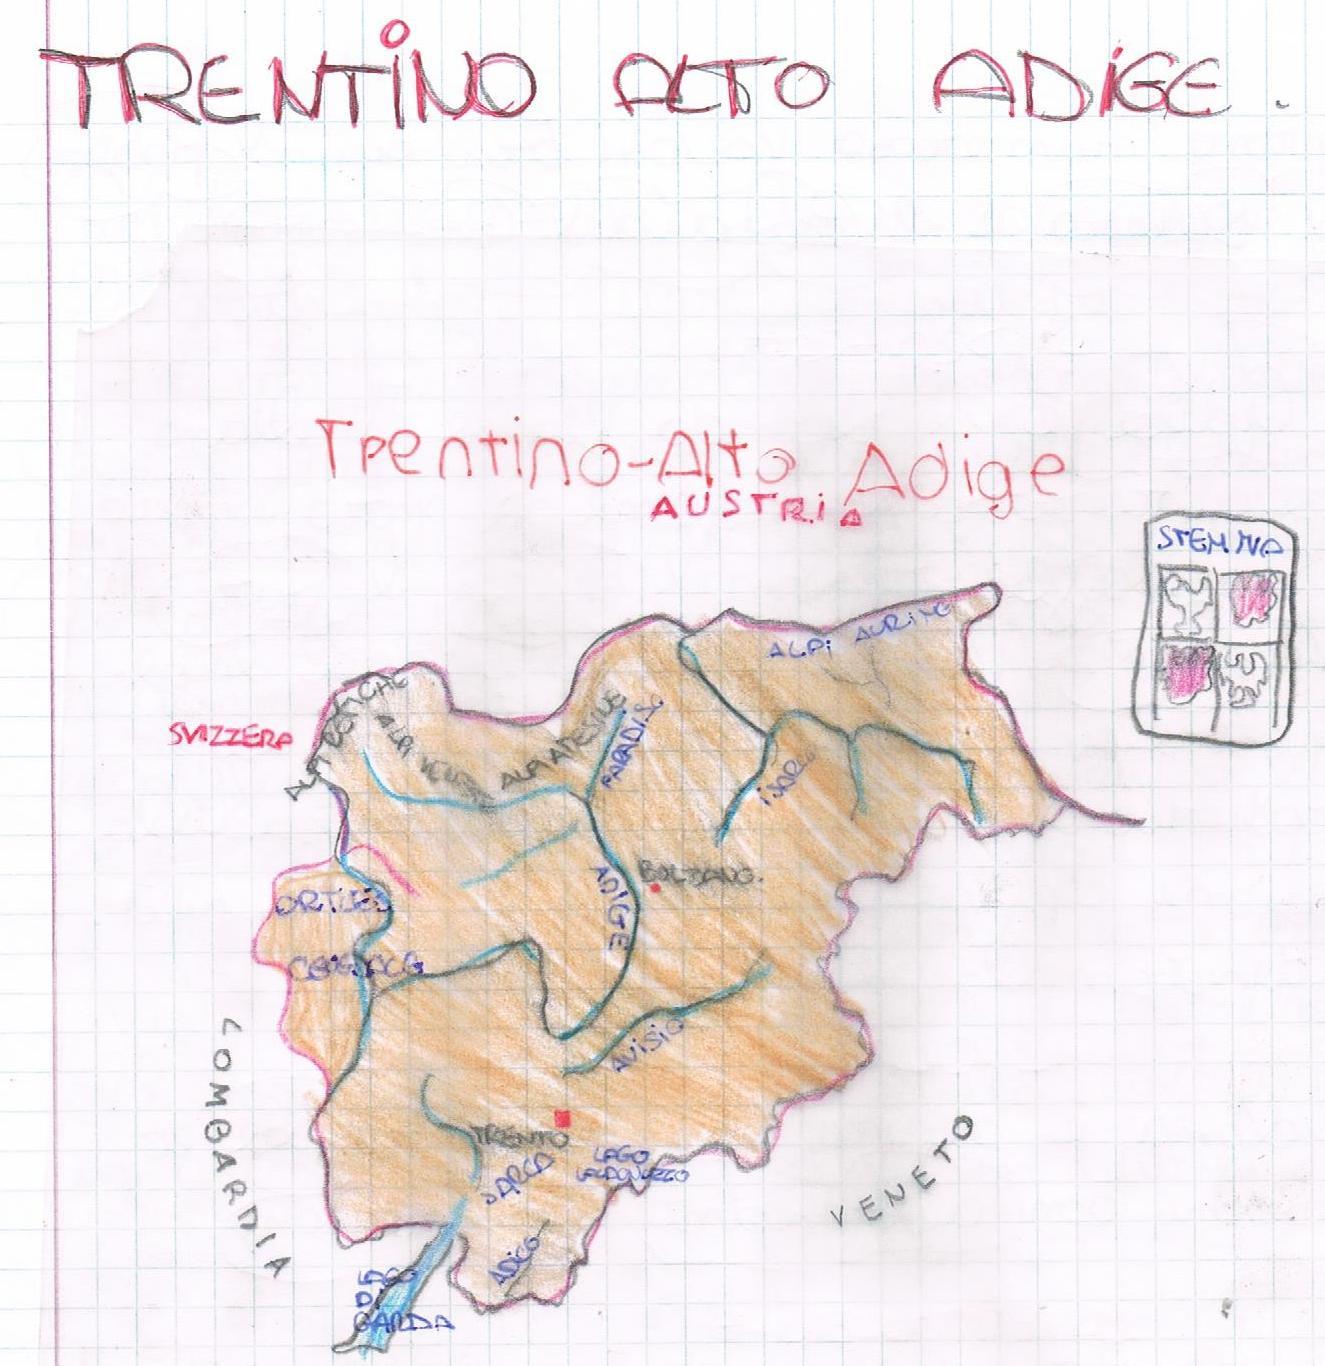 Fiumi Del Trentino Alto Adige Cartina.Geografia Le Regioni D Italia Il Trentino Alto Adige Spiegazioni E Prova Di Verifica Per La Classe Quinta Della Scuola Primaria